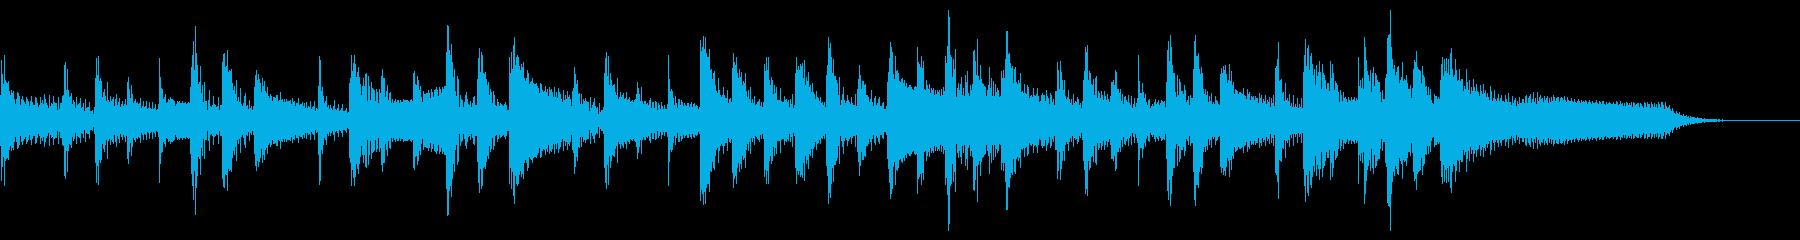 ランチェロリズム、遅いテンポから速...の再生済みの波形